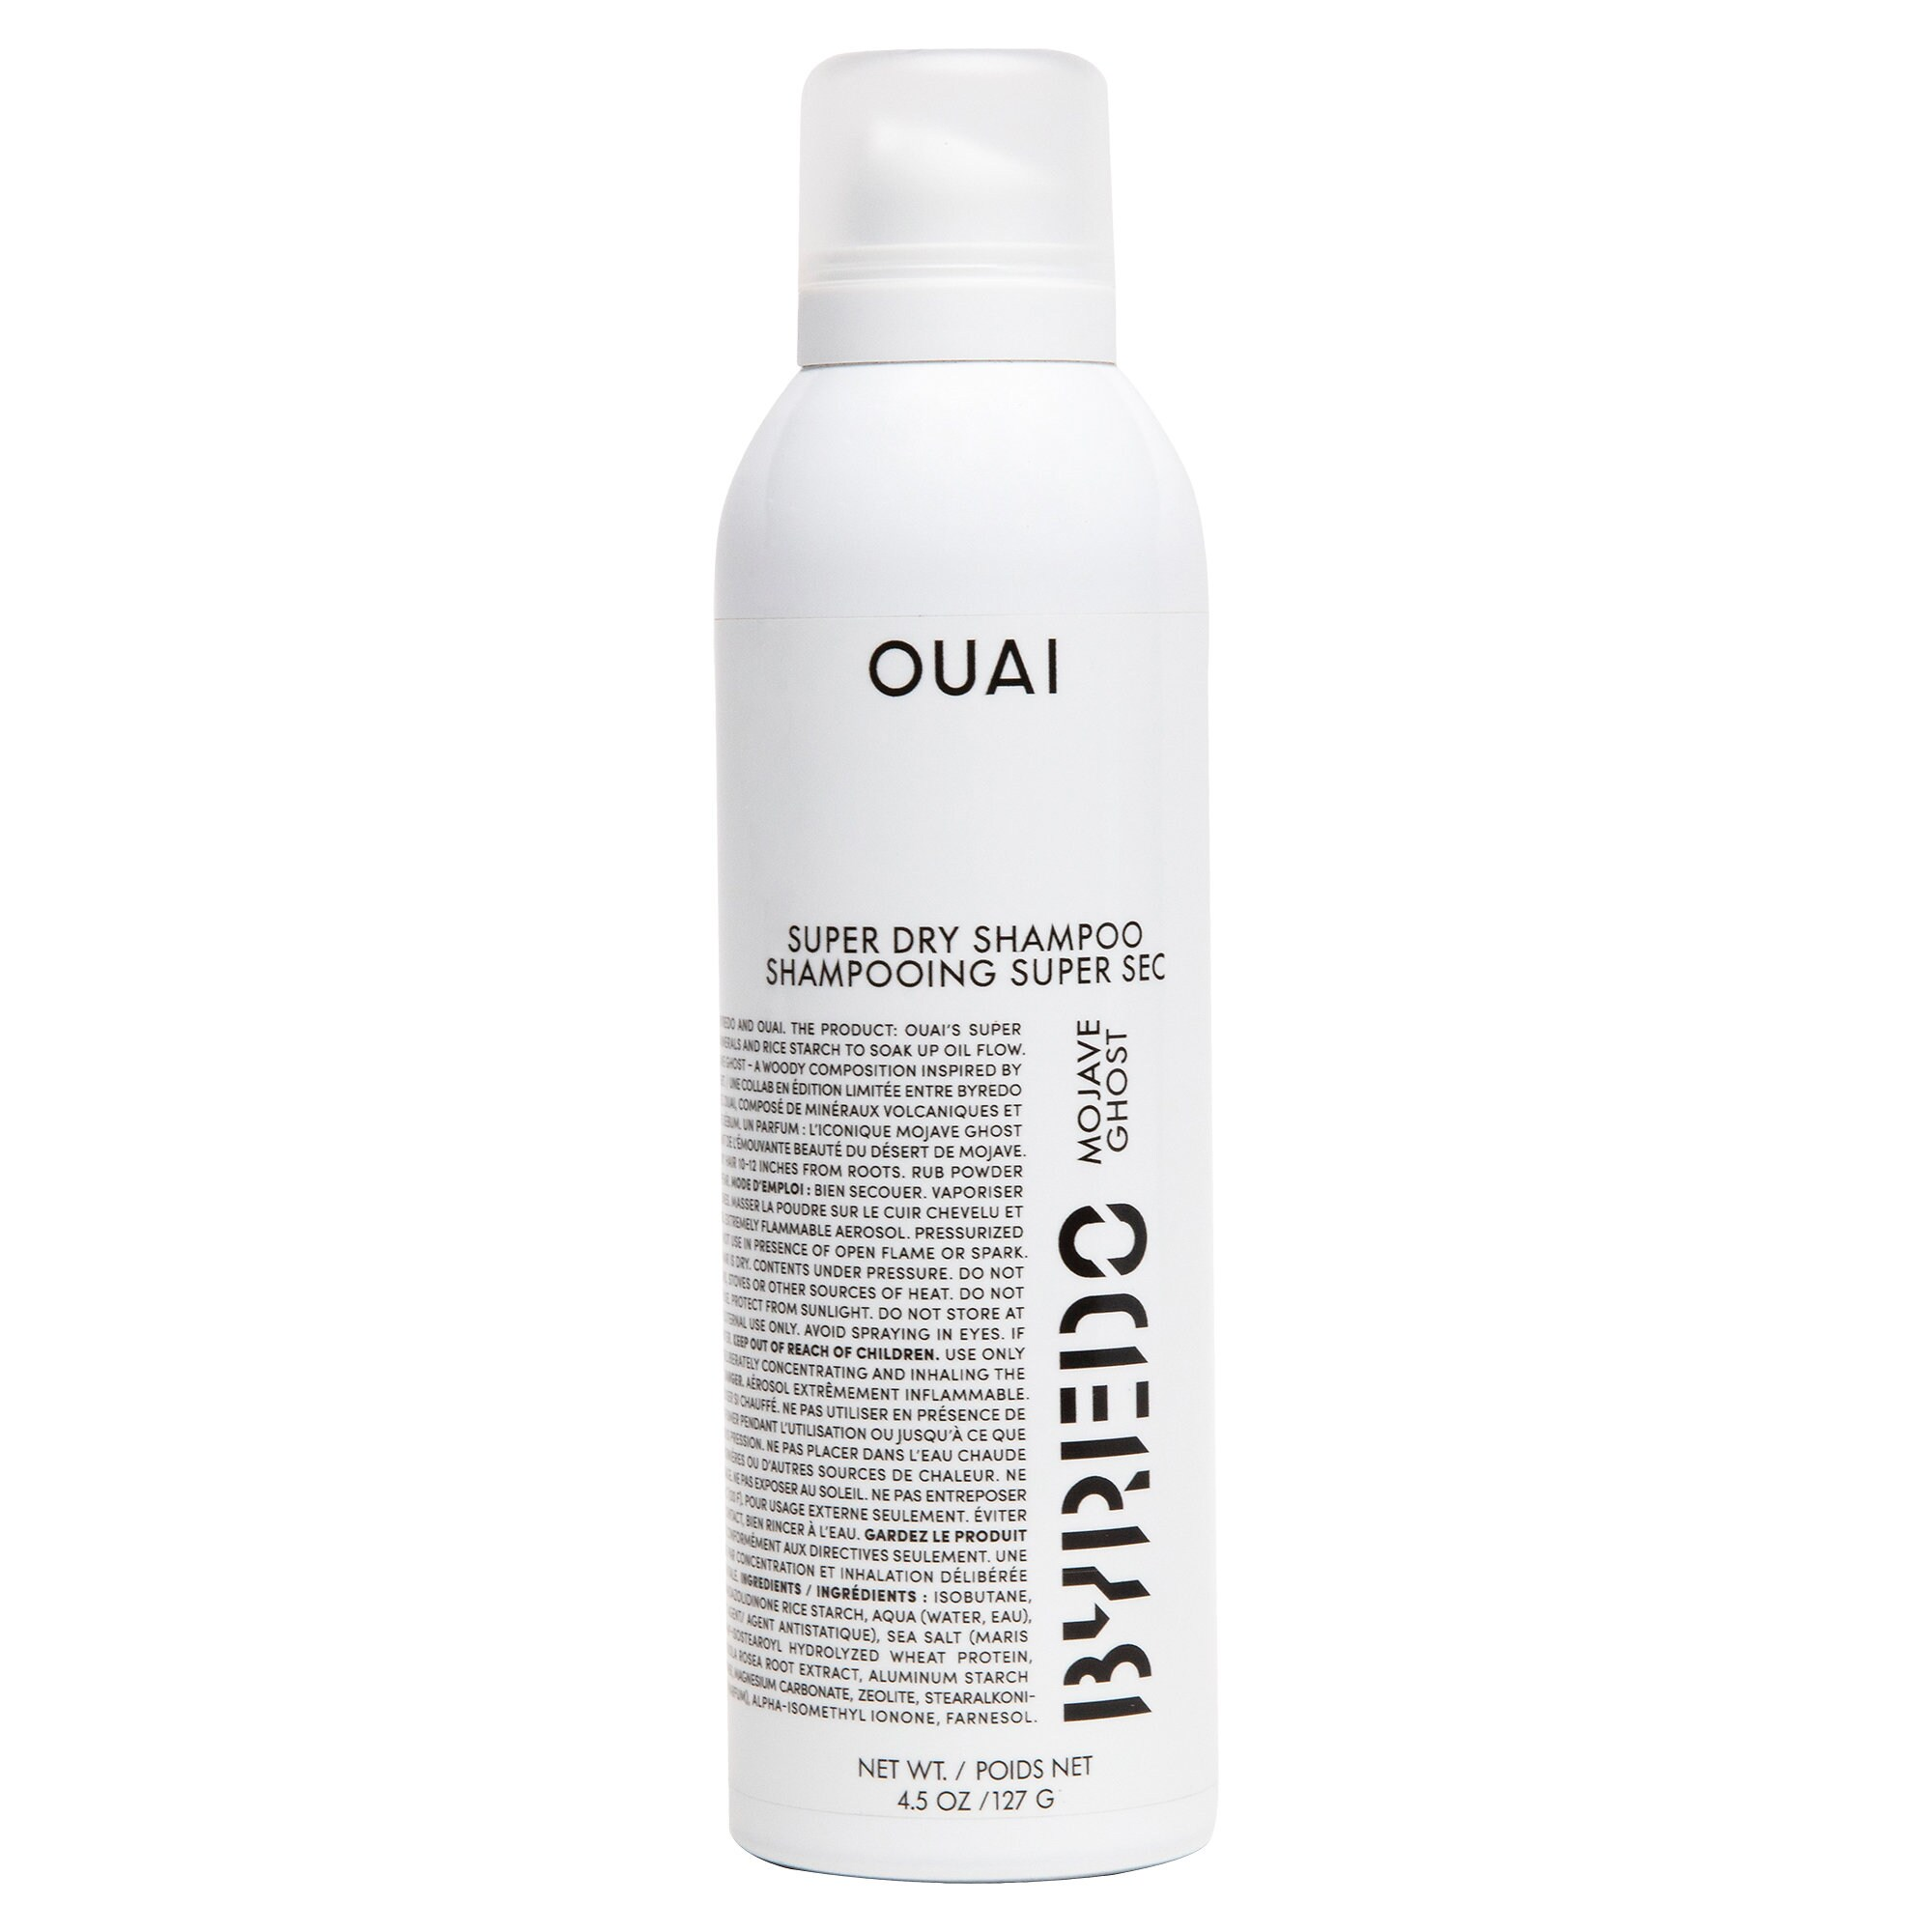 Ouai - OUAI x BYREDO Super Dry Shampoo Mojave Ghost